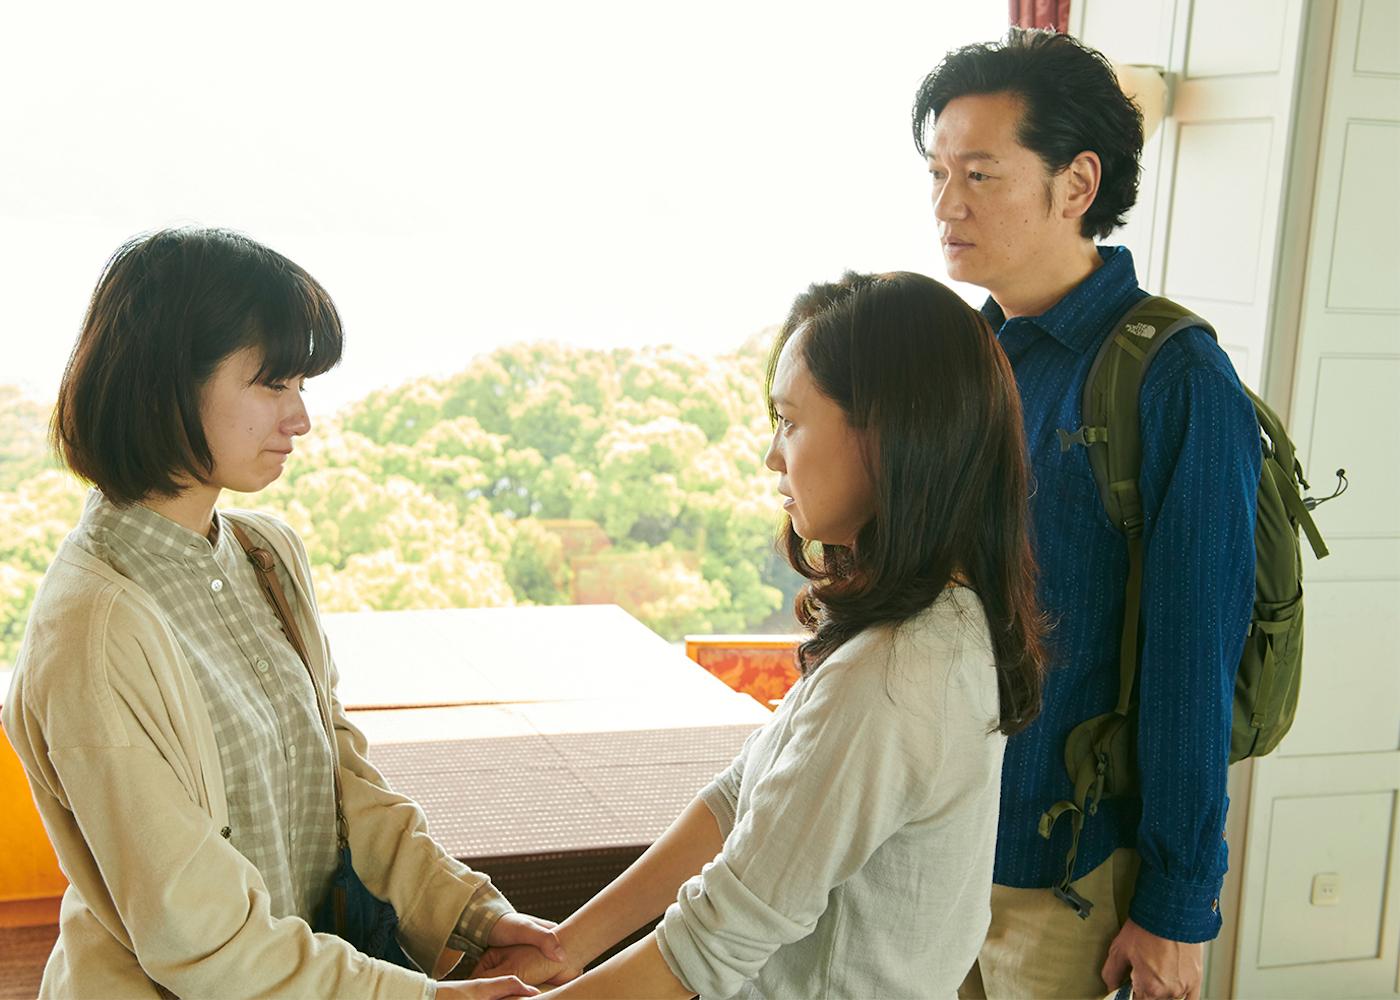 映画『朝が来る』(永作博美、井浦新)